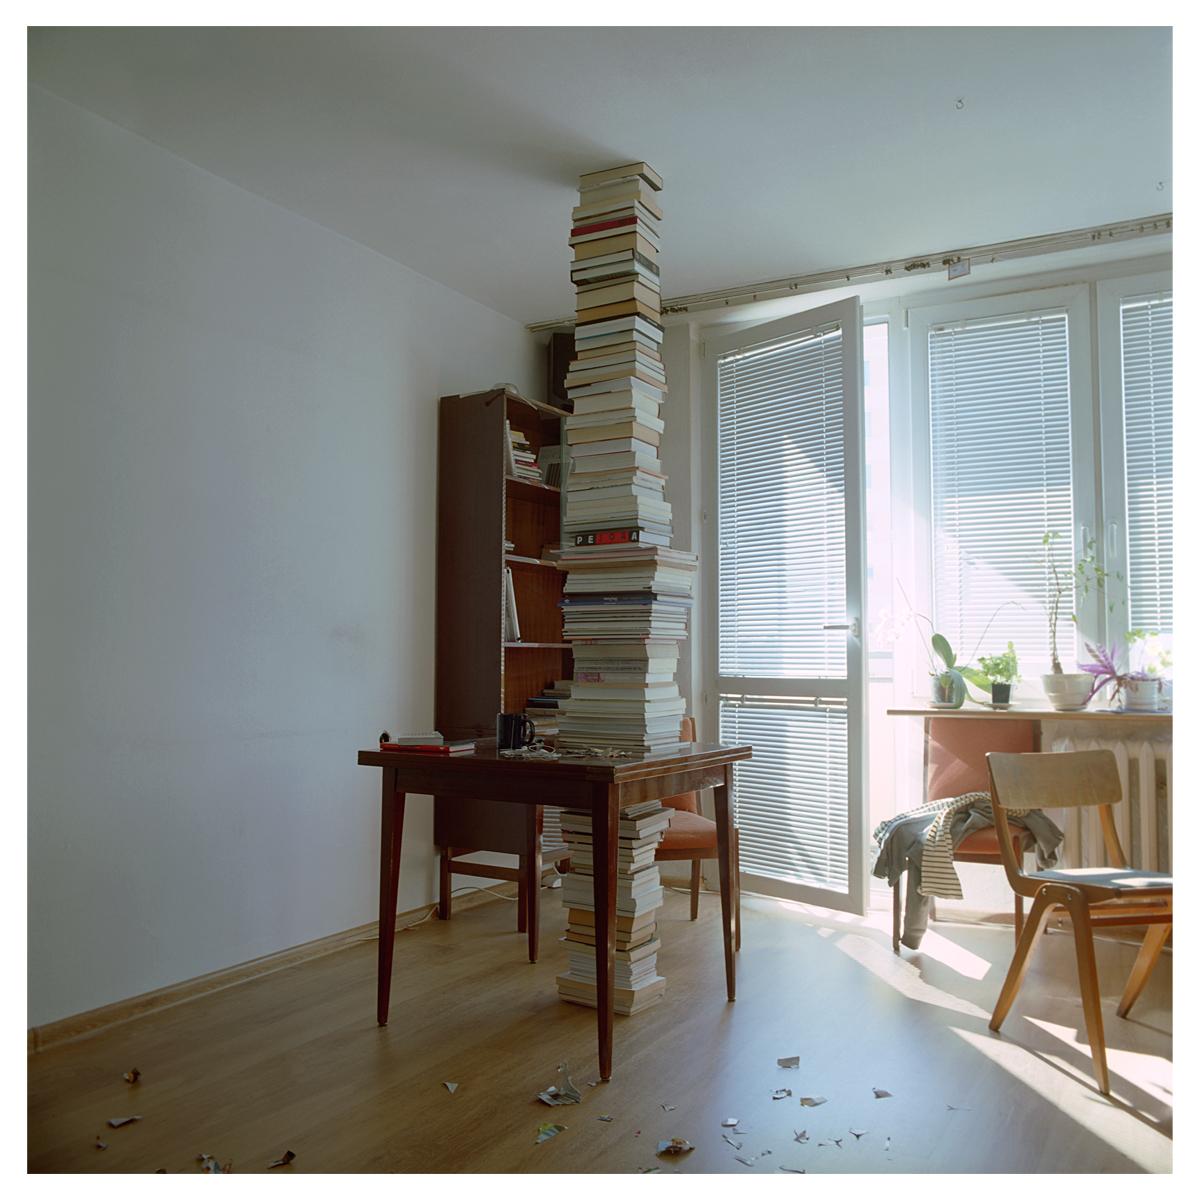 Książki, Michał Grochowiak, 55x55, 2014, dzięki uprzejmości Galerii Starter